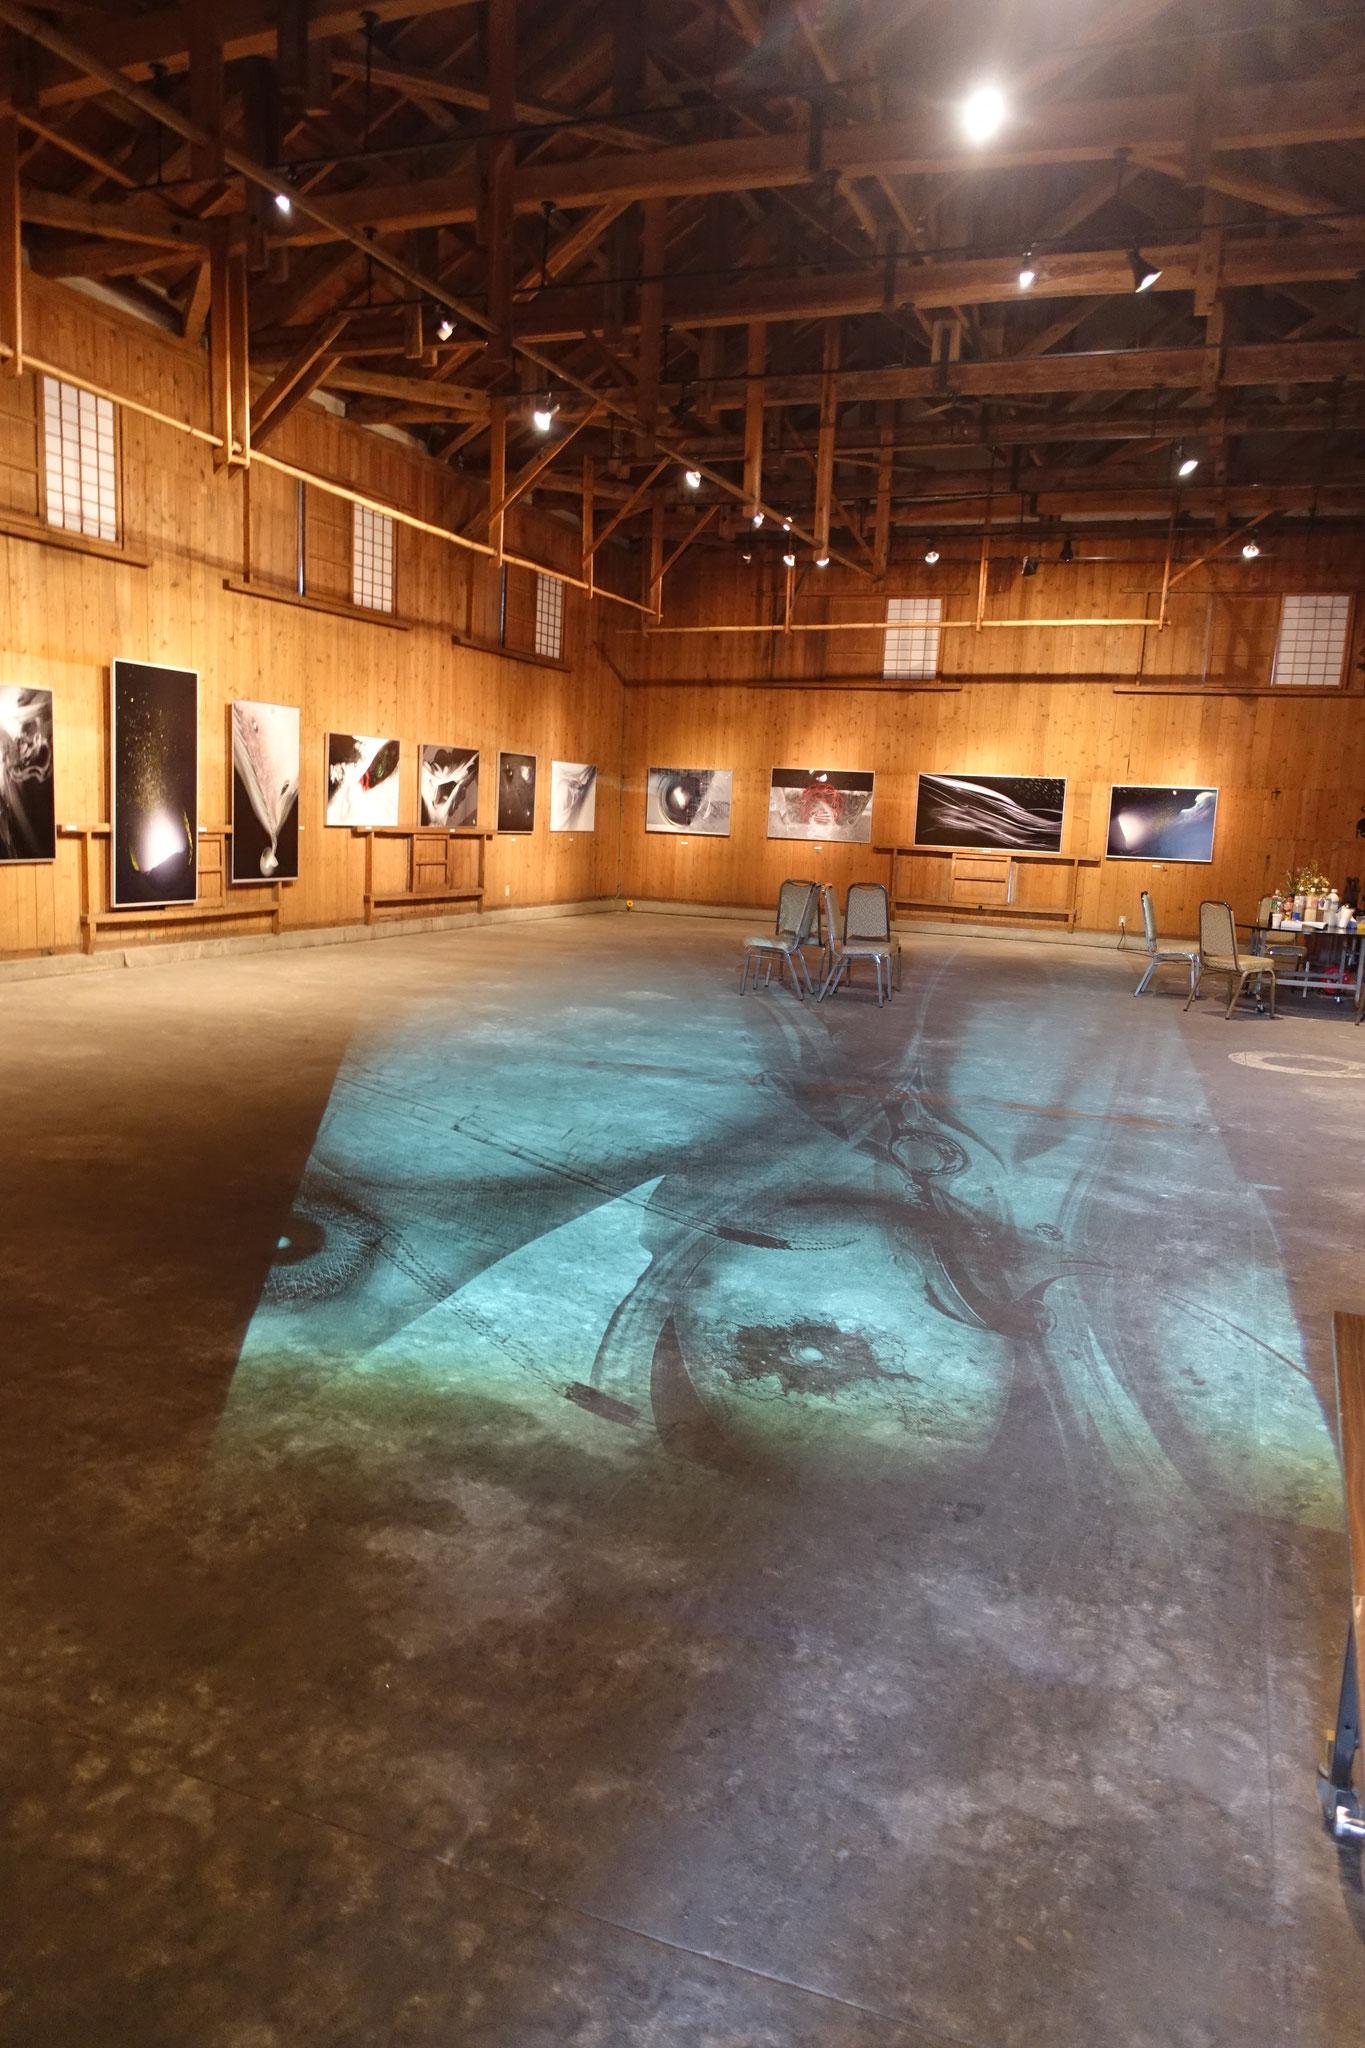 イベントやコンサート会場にも使変われている昭和蔵 「悠久の思考ー宇宙の卵」と題して元素的な絵画展が行われていました。